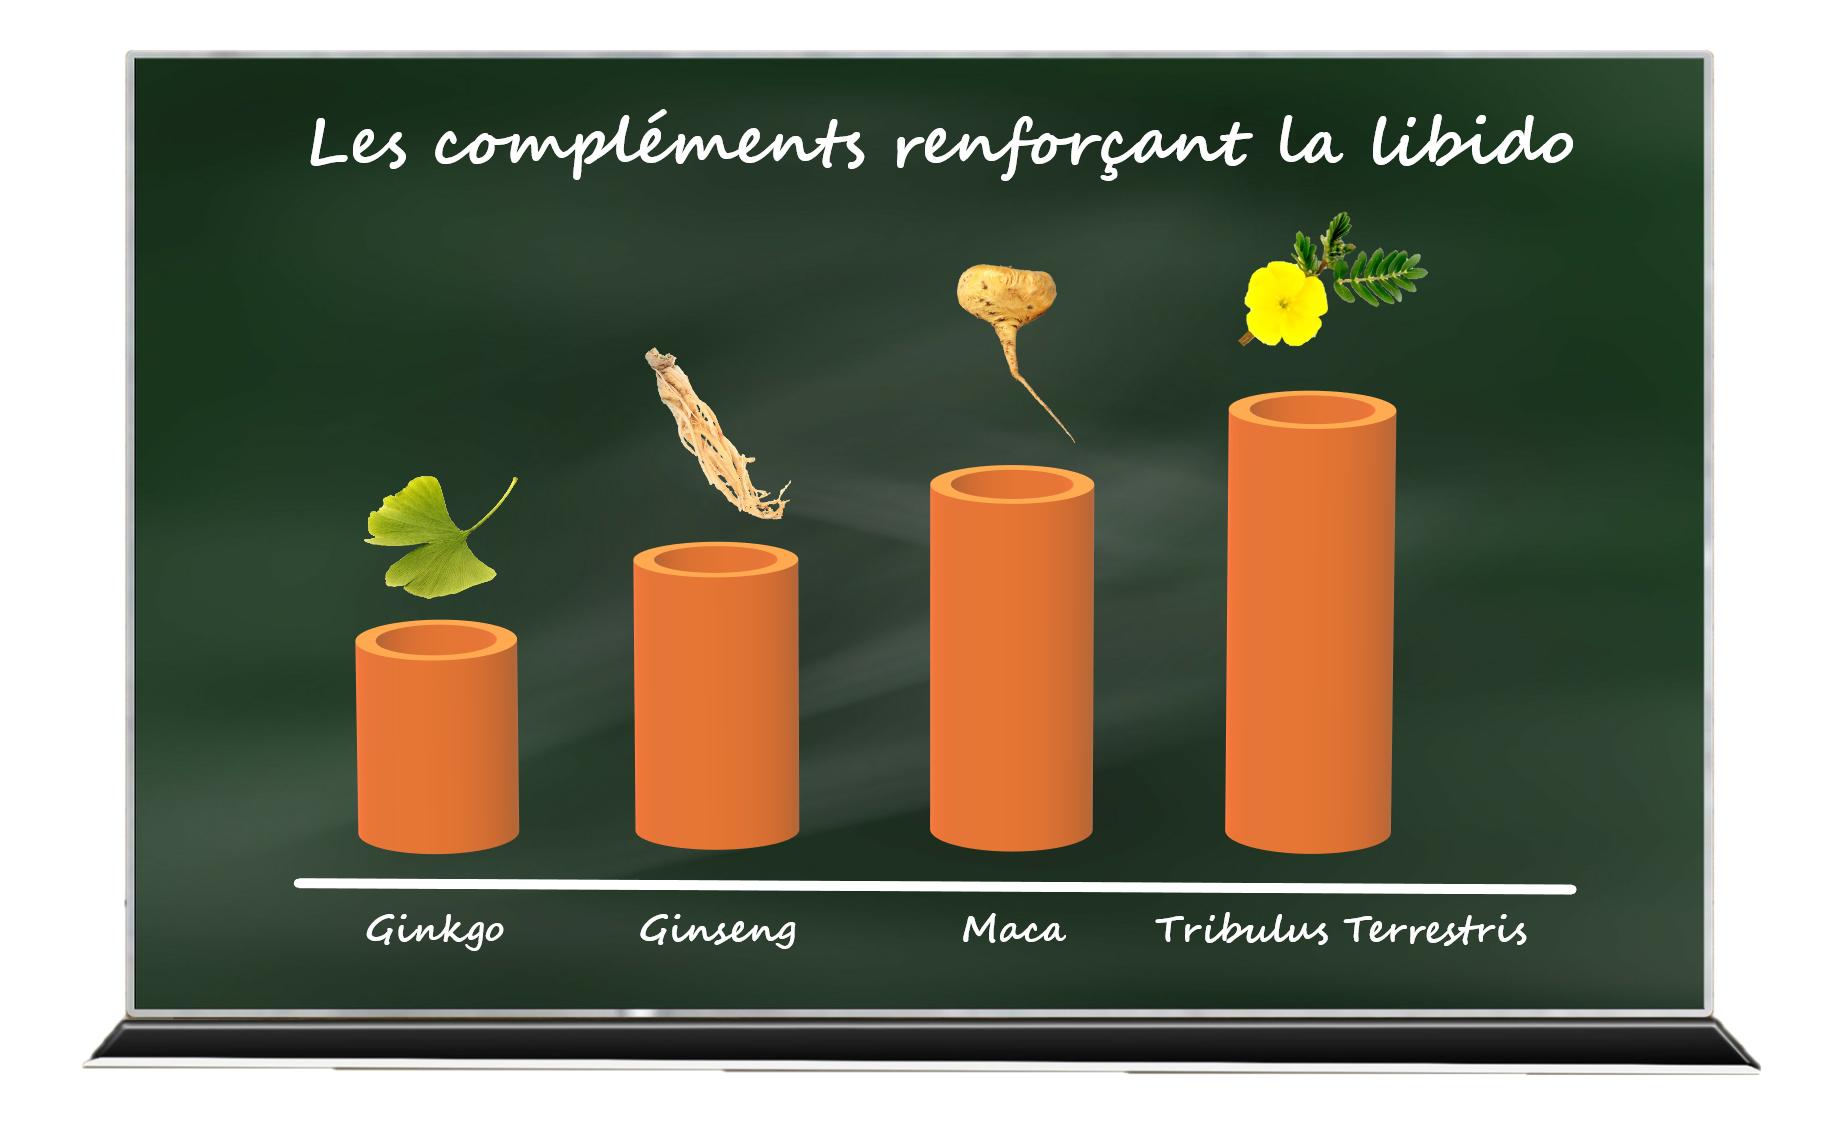 un petit tableau de l'efficacité des compléments naturels sur la libido